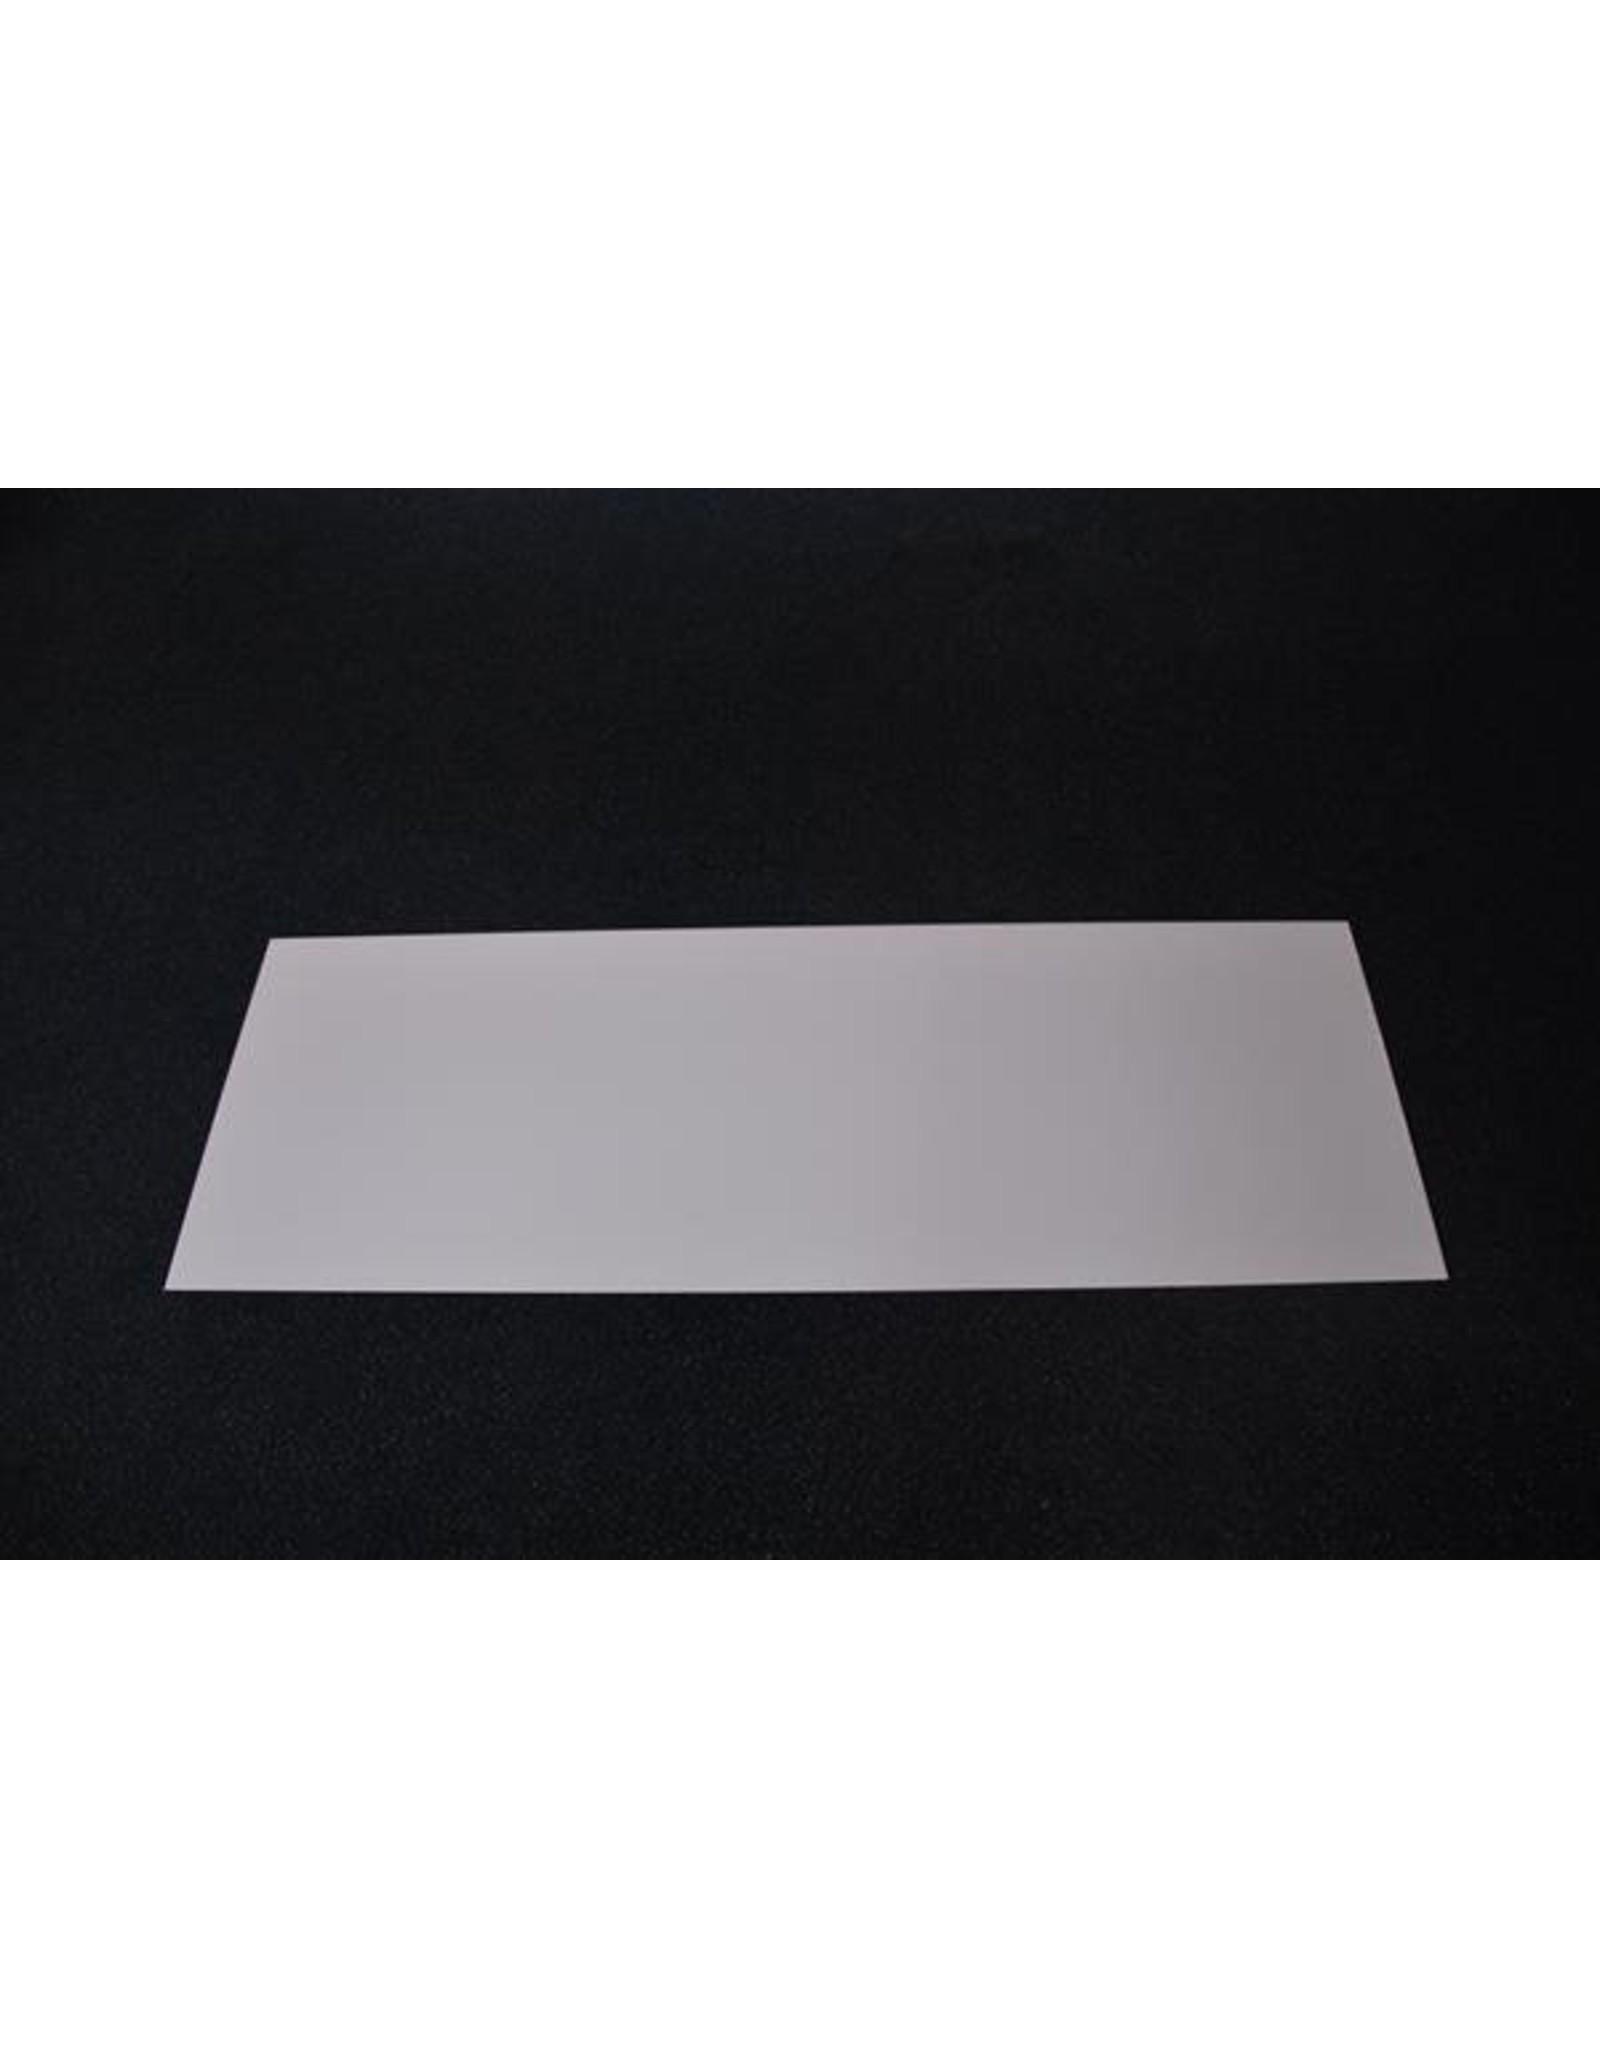 Frontplaat voor AeroSlim 24V Led Opbouw lichtreclame 30 cm